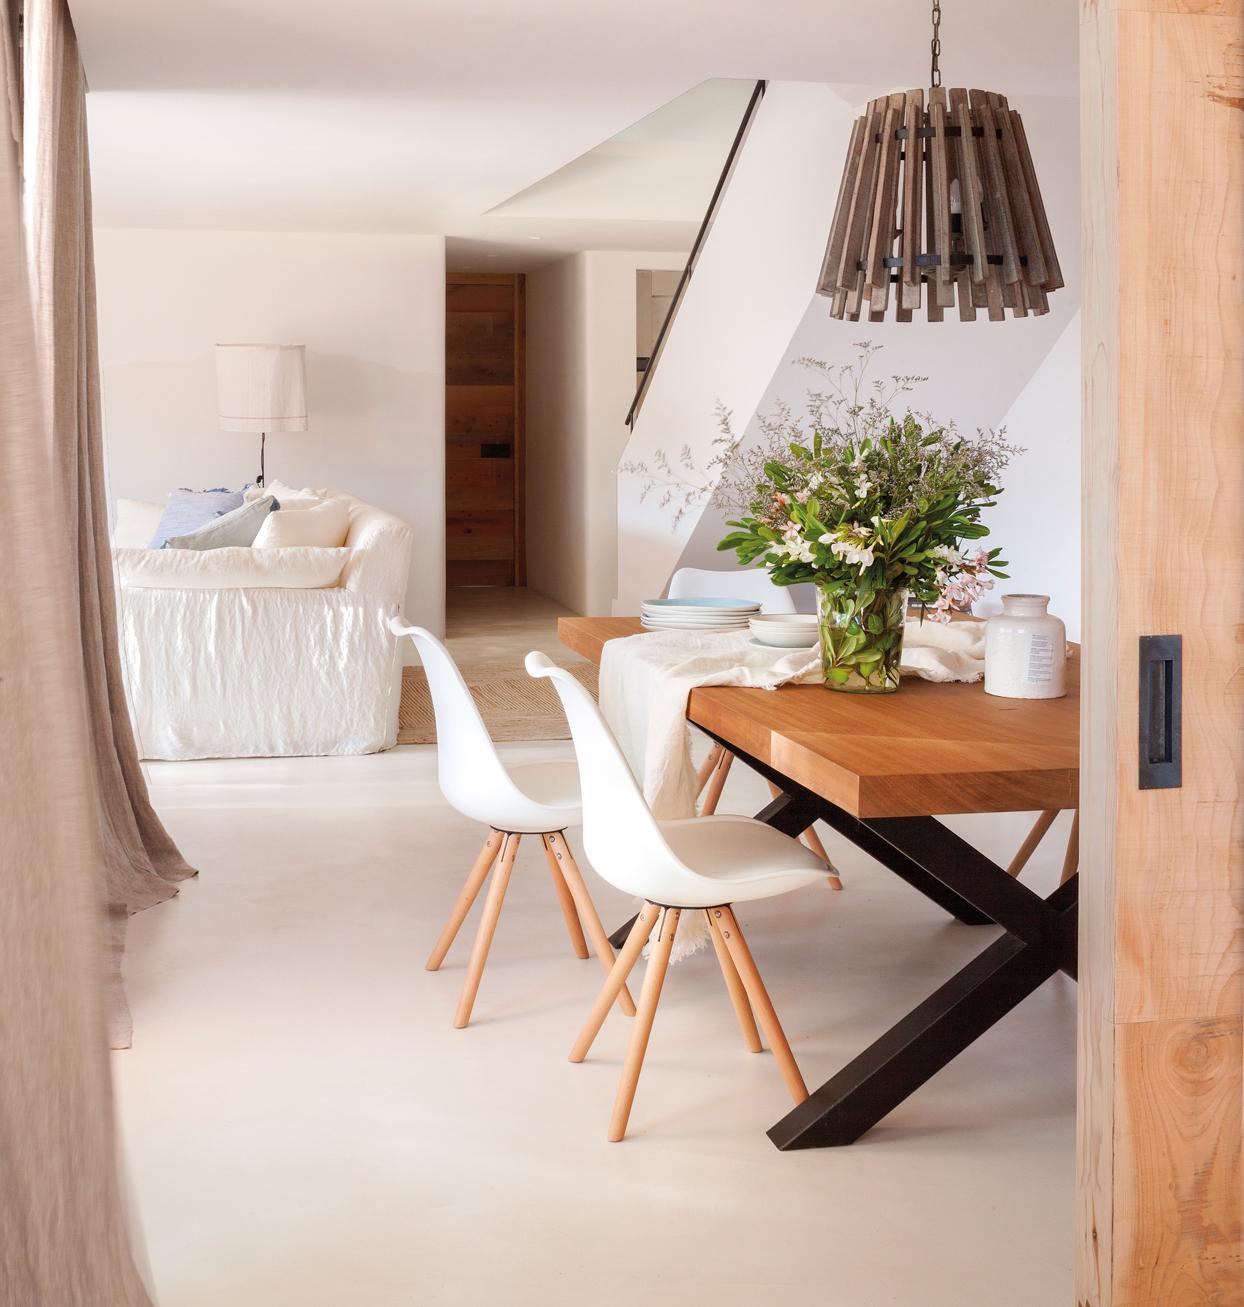 comedor con sillas blancaas mesa de madera con patas negras y lmpara de